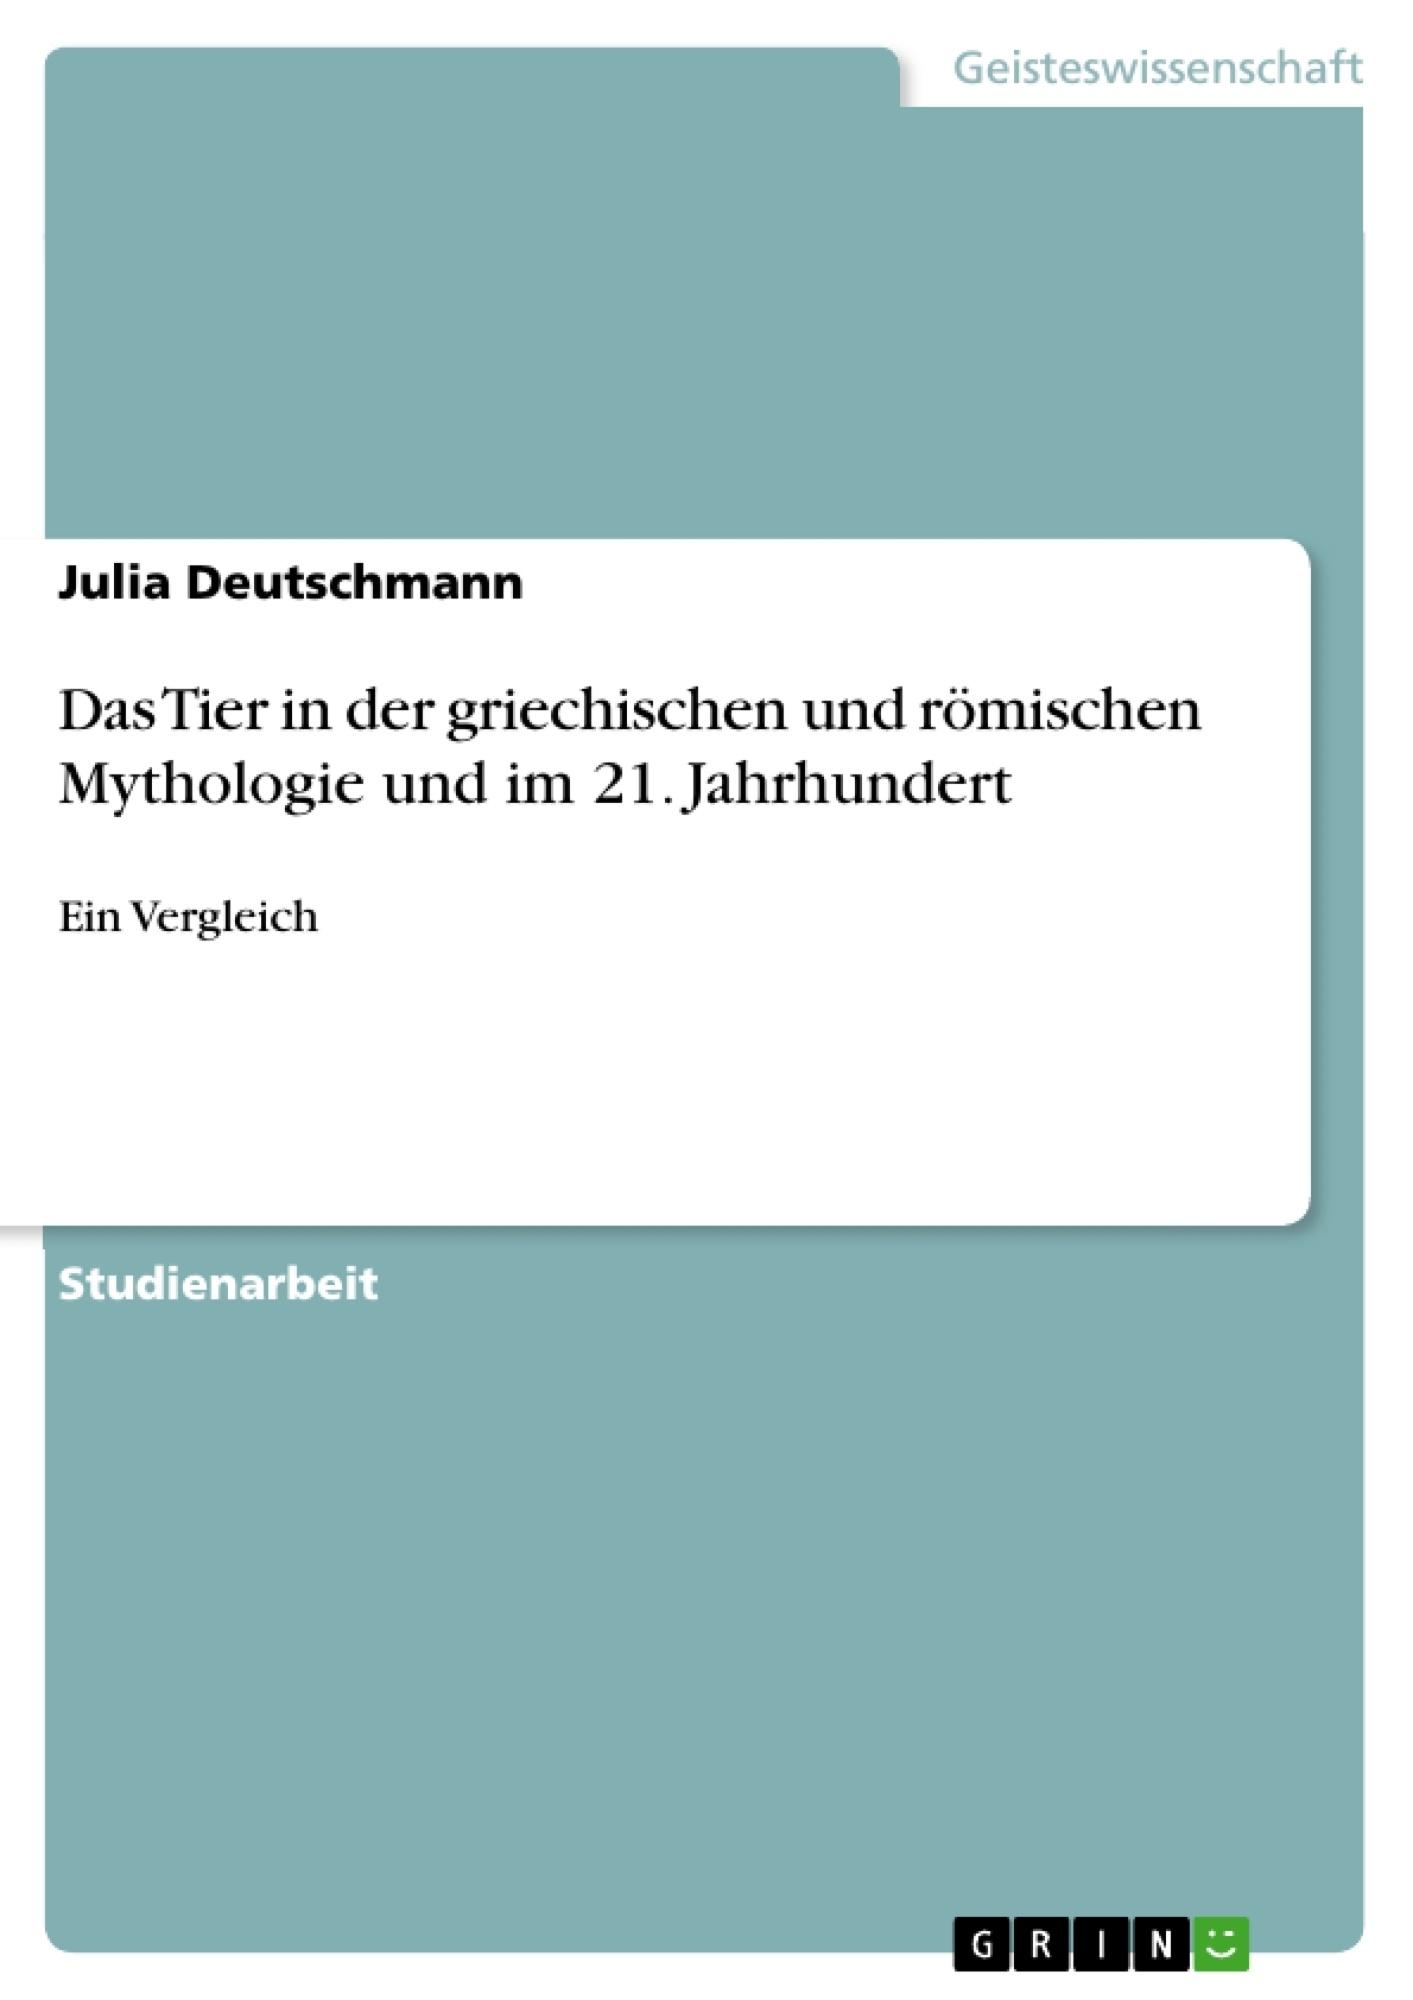 Titel: Das Tier in der griechischen und römischen Mythologie und im 21. Jahrhundert